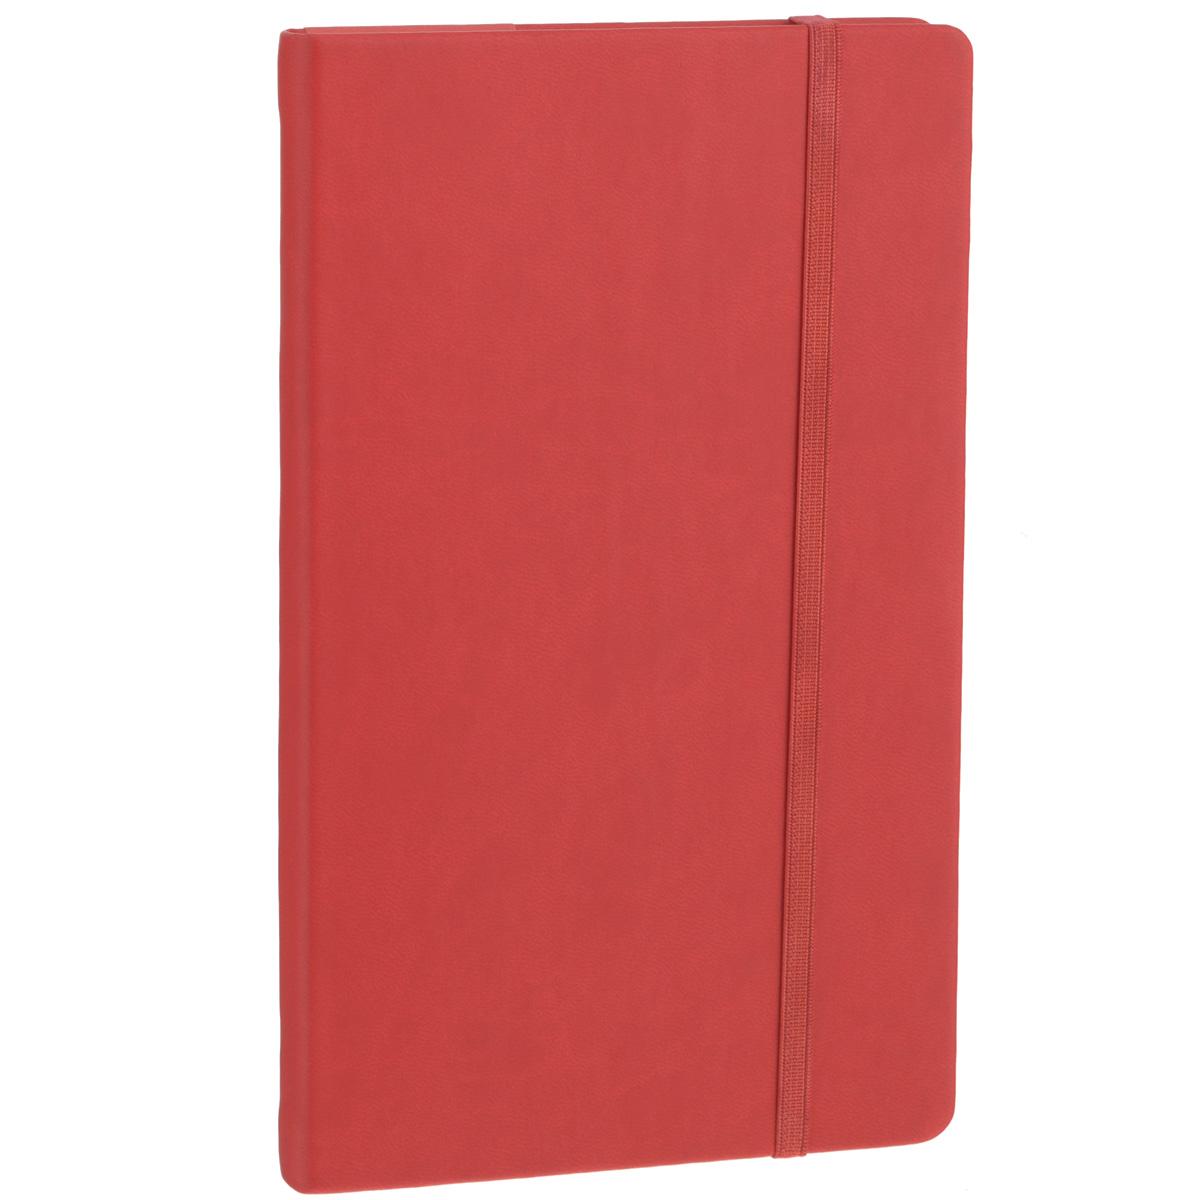 Записная книжка Erich Krause Festival, цвет: красный, 96 листов1705057Записная книжка Erich Krause Festival - это дополнительный штрих к вашему имиджу. Демократичная в своем содержании, книжка может быть использована не только для личных пометок и записей, но и как недатированный ежедневник. Надежная твердая обложка из плотного приятного на ощупь картона сохранит ее в аккуратном состоянии на протяжении всего времени использования. Плотная в линейку бумага белого цвета, закладка-ляссе, практичные скругленные углы, эластичная петелька для ручки и внутренний бумажный карман на задней обложке - все это обеспечит вам истинное удовольствие от письма. В начале книжки имеется страничка для заполнения личных данных владельца, четыре страницы для заполнения адресов, телефонов и интернет-почты и четыре страницы для заполнения сайтов и ссылок. Благодаря небольшому формату книжку легко взять с собой. Записная книжка плотно закрывается при помощи фиксирующей резинки.